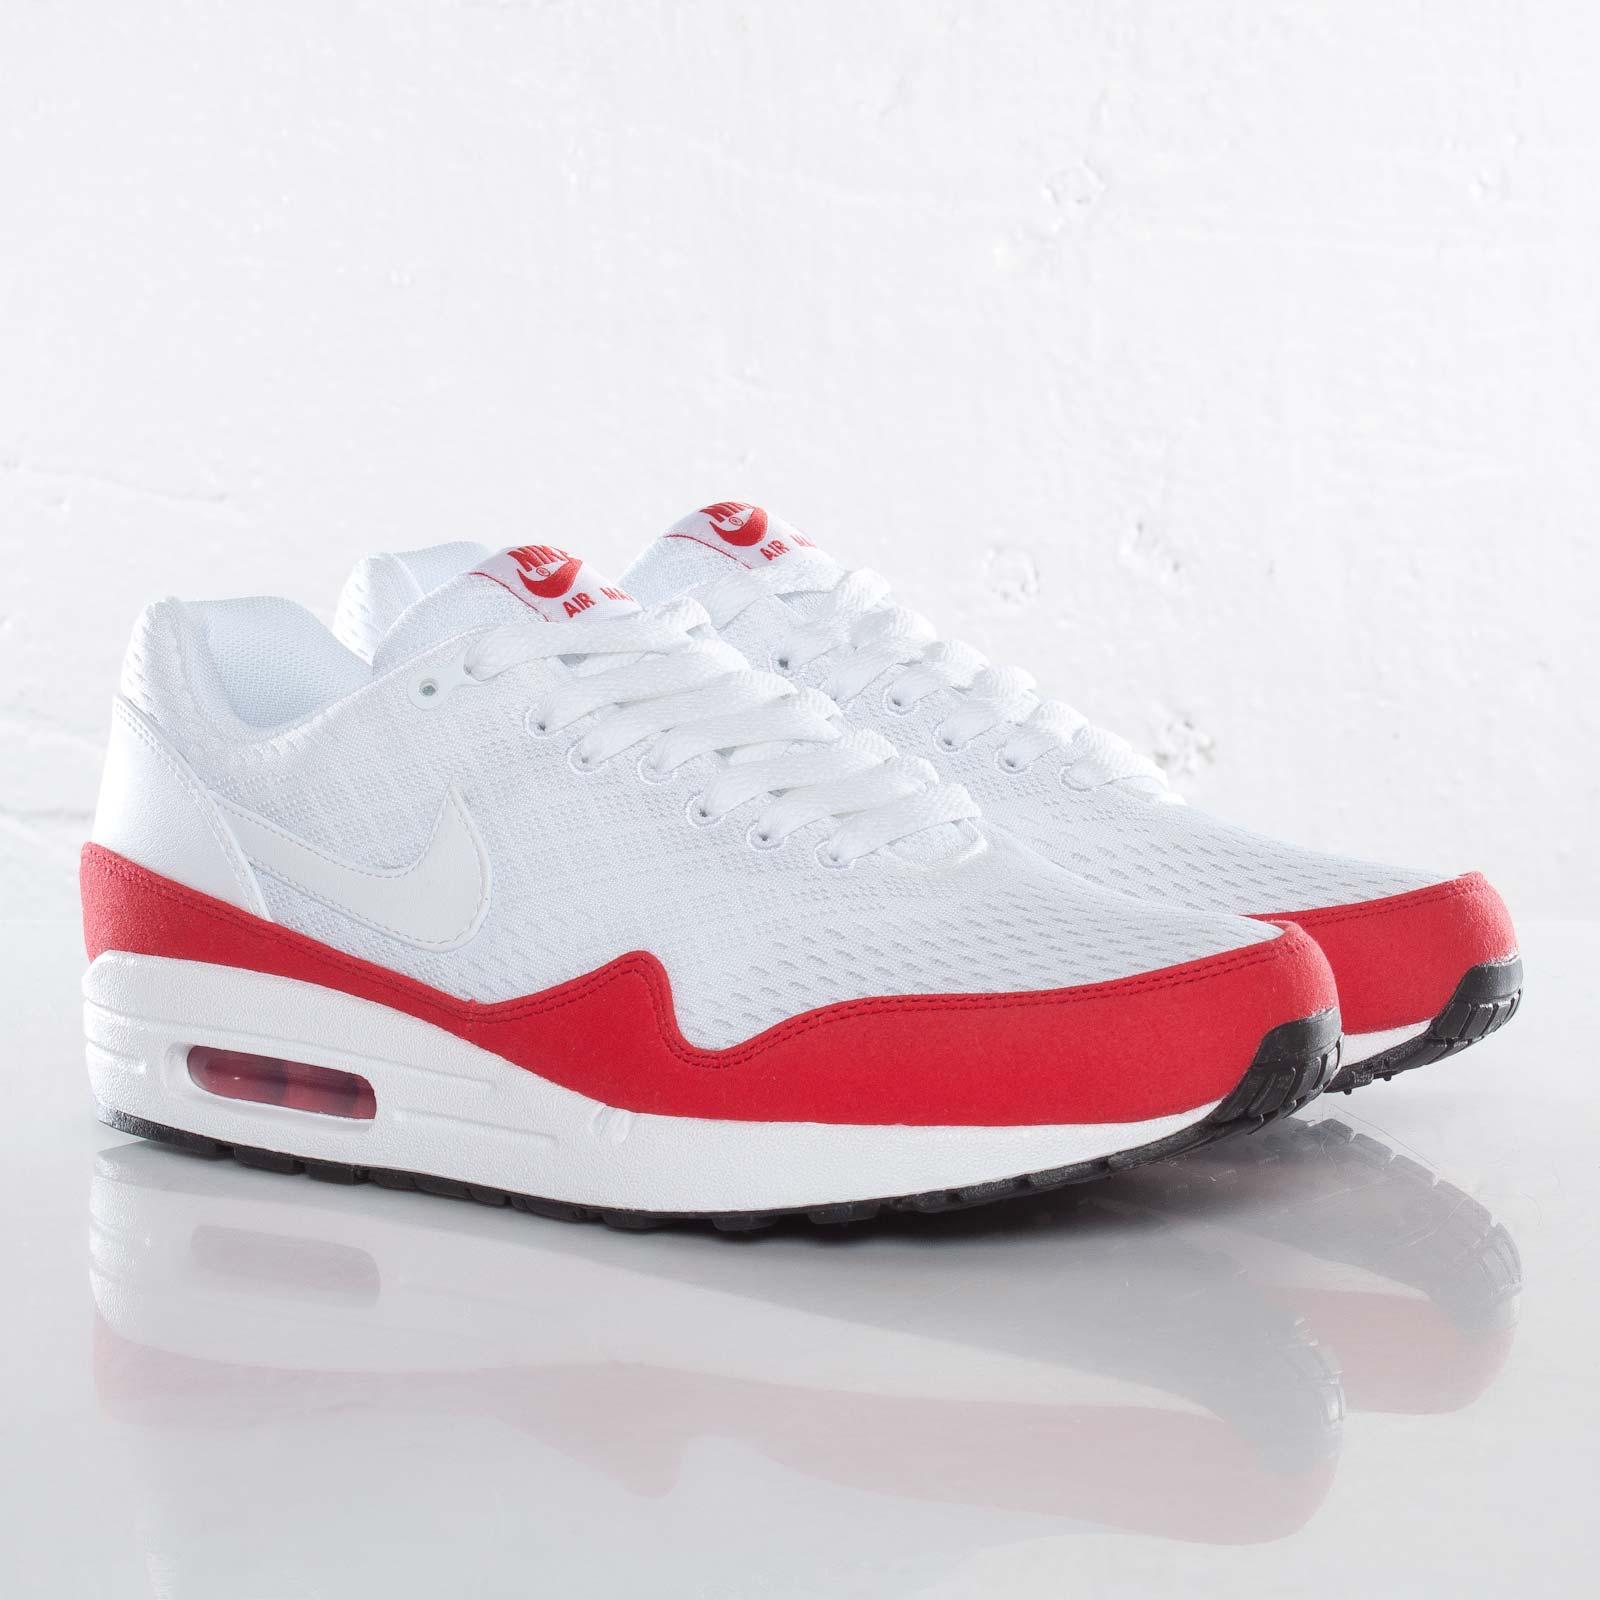 Nike Air Max 1 EM 554718 161 Sneakersnstuff I Sneakers